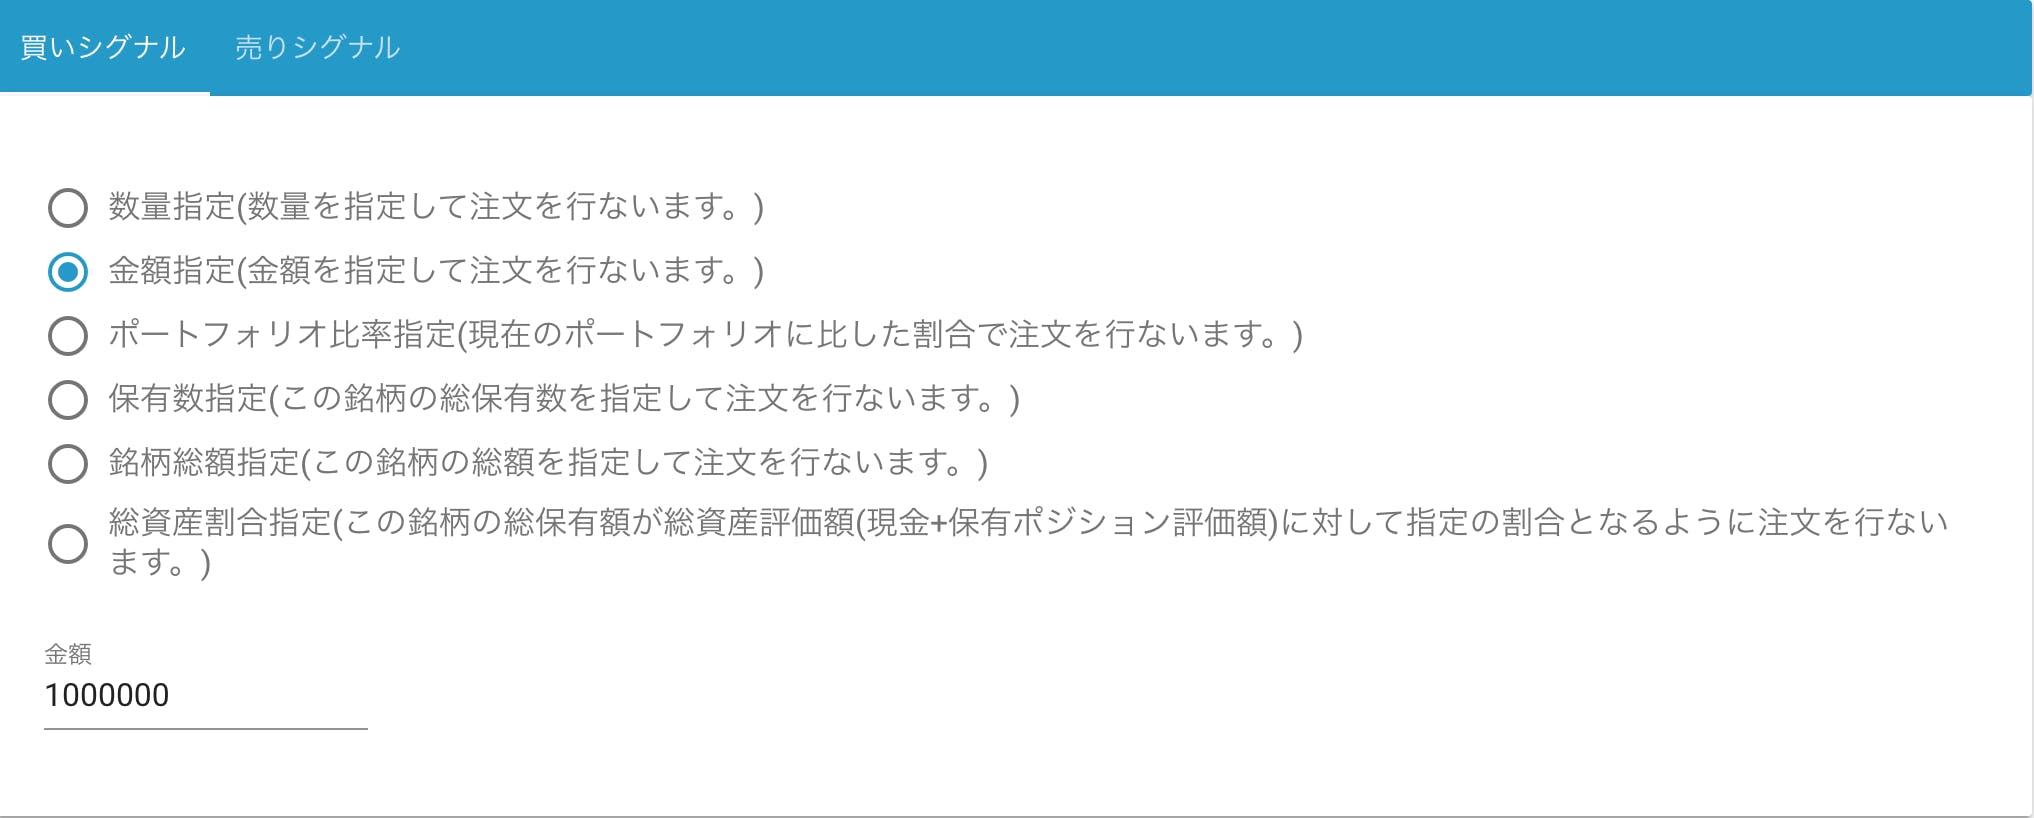 スクリーンショット 2019-09-18 21.11.16.png